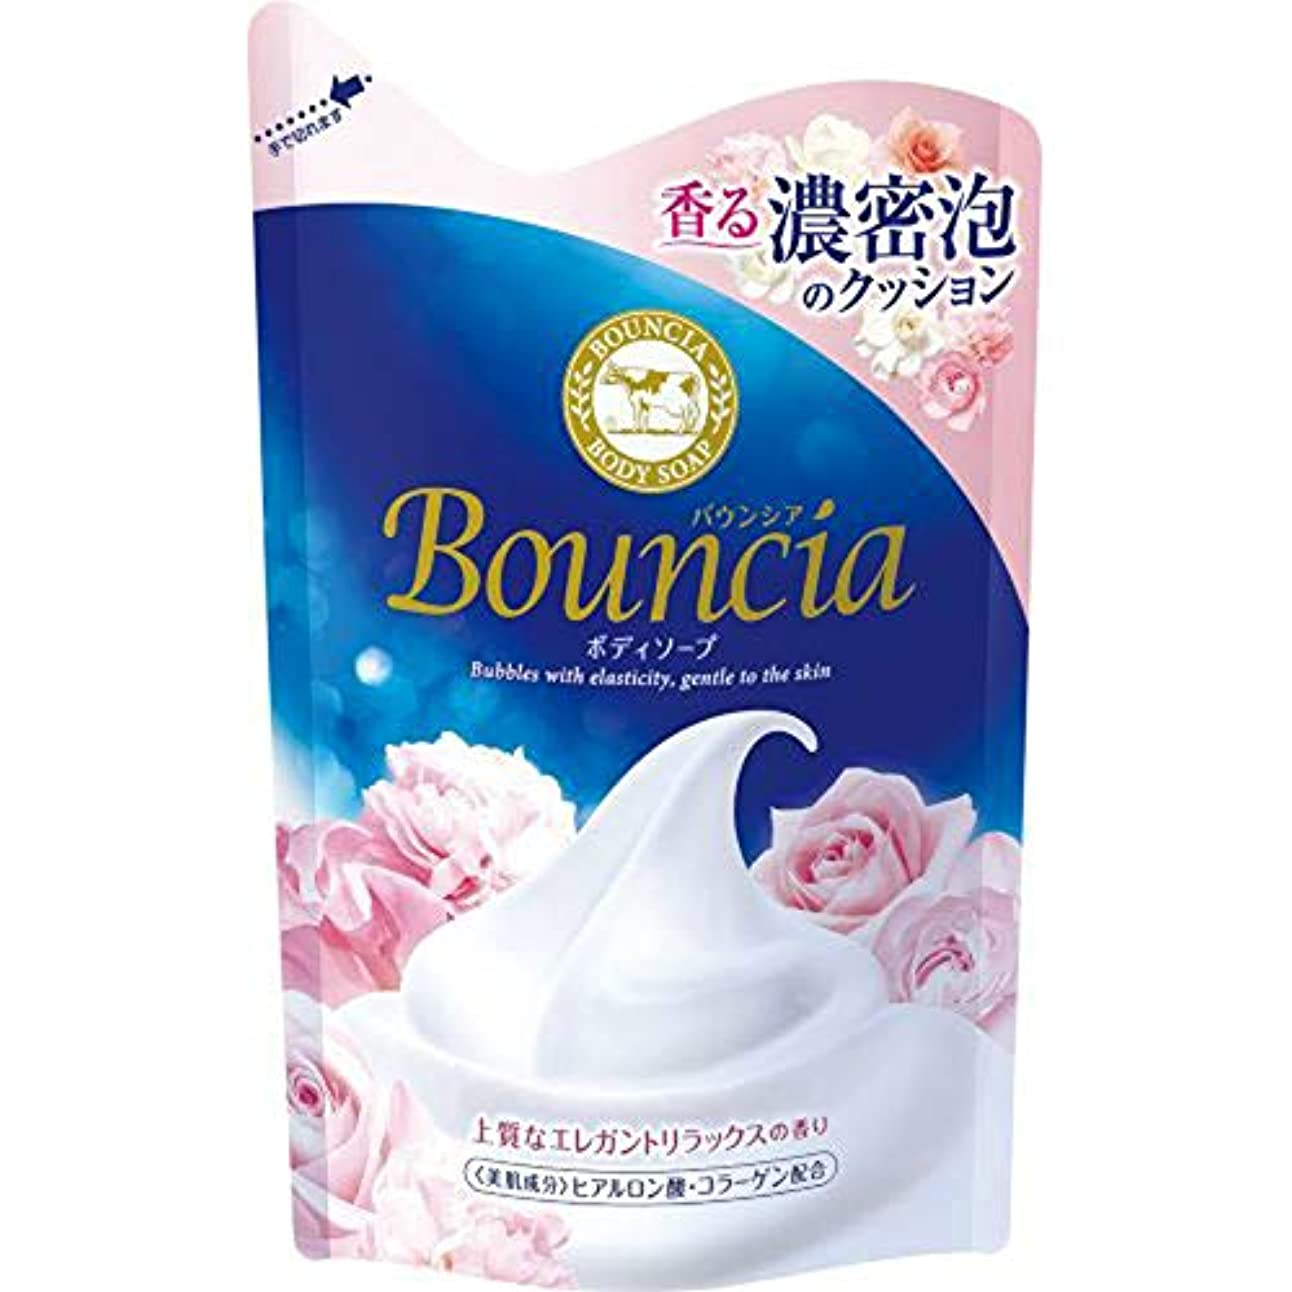 思い出す制限するにバウンシア ボディソープ エレガントリラックスの香り 詰替え 430mL